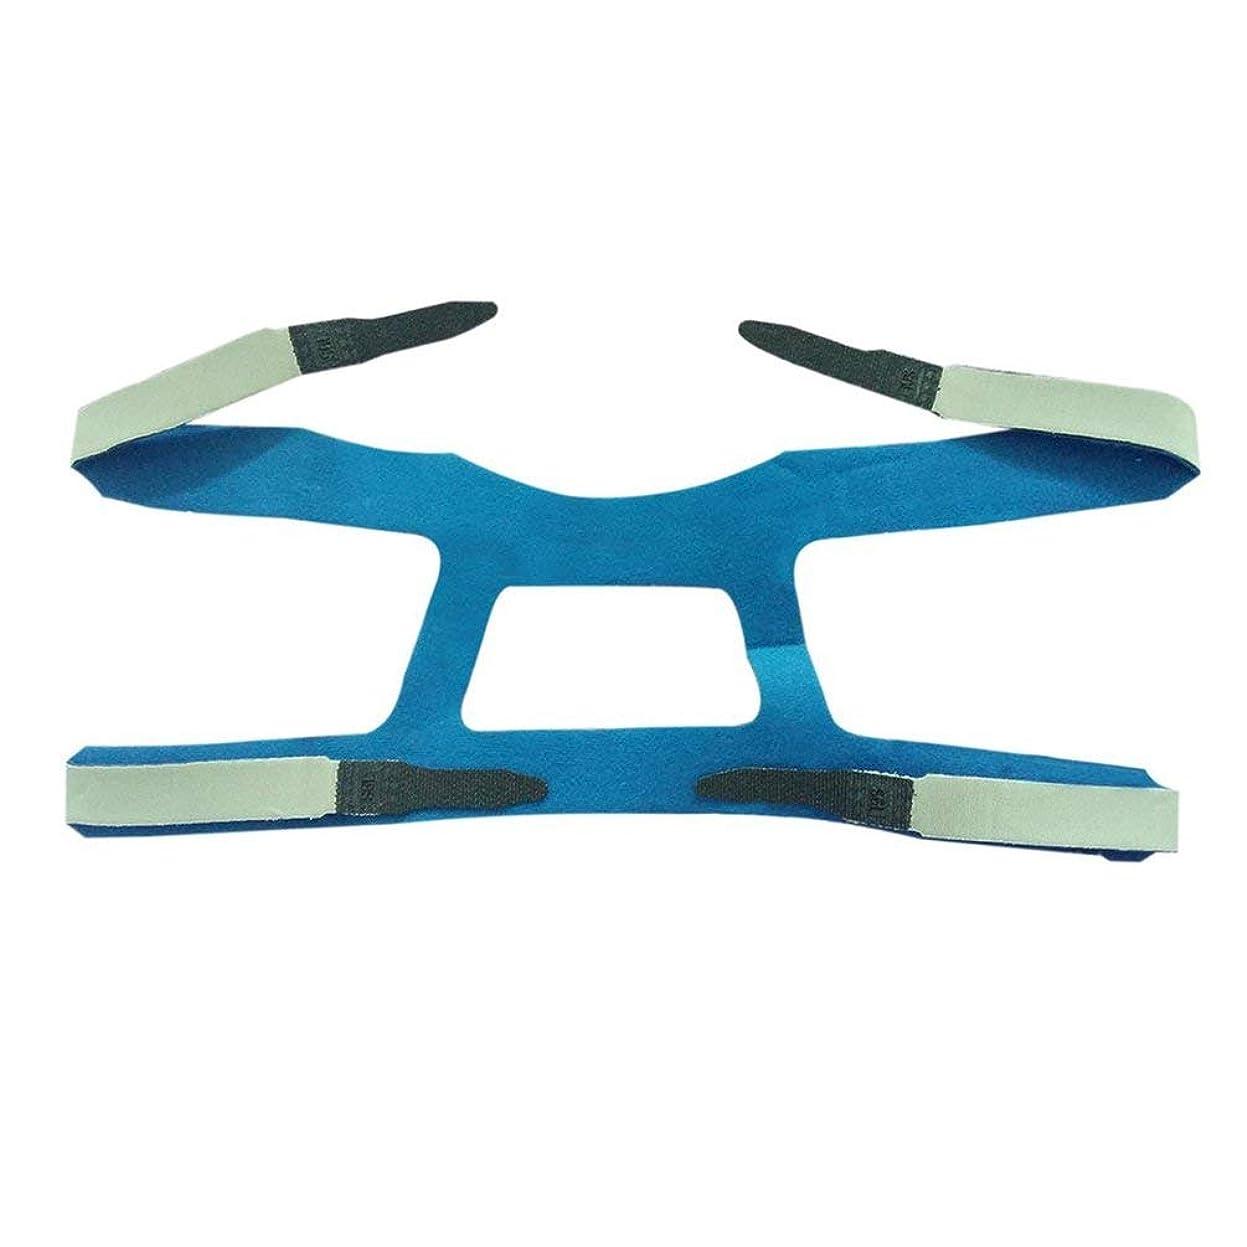 ギャラントリーページマーキーユニバーサルデザインヘッドギアコンフォートジェルフルマスク安全な環境の交換用CPAPヘッドバンドなしPHILPS - グレー&ブルー